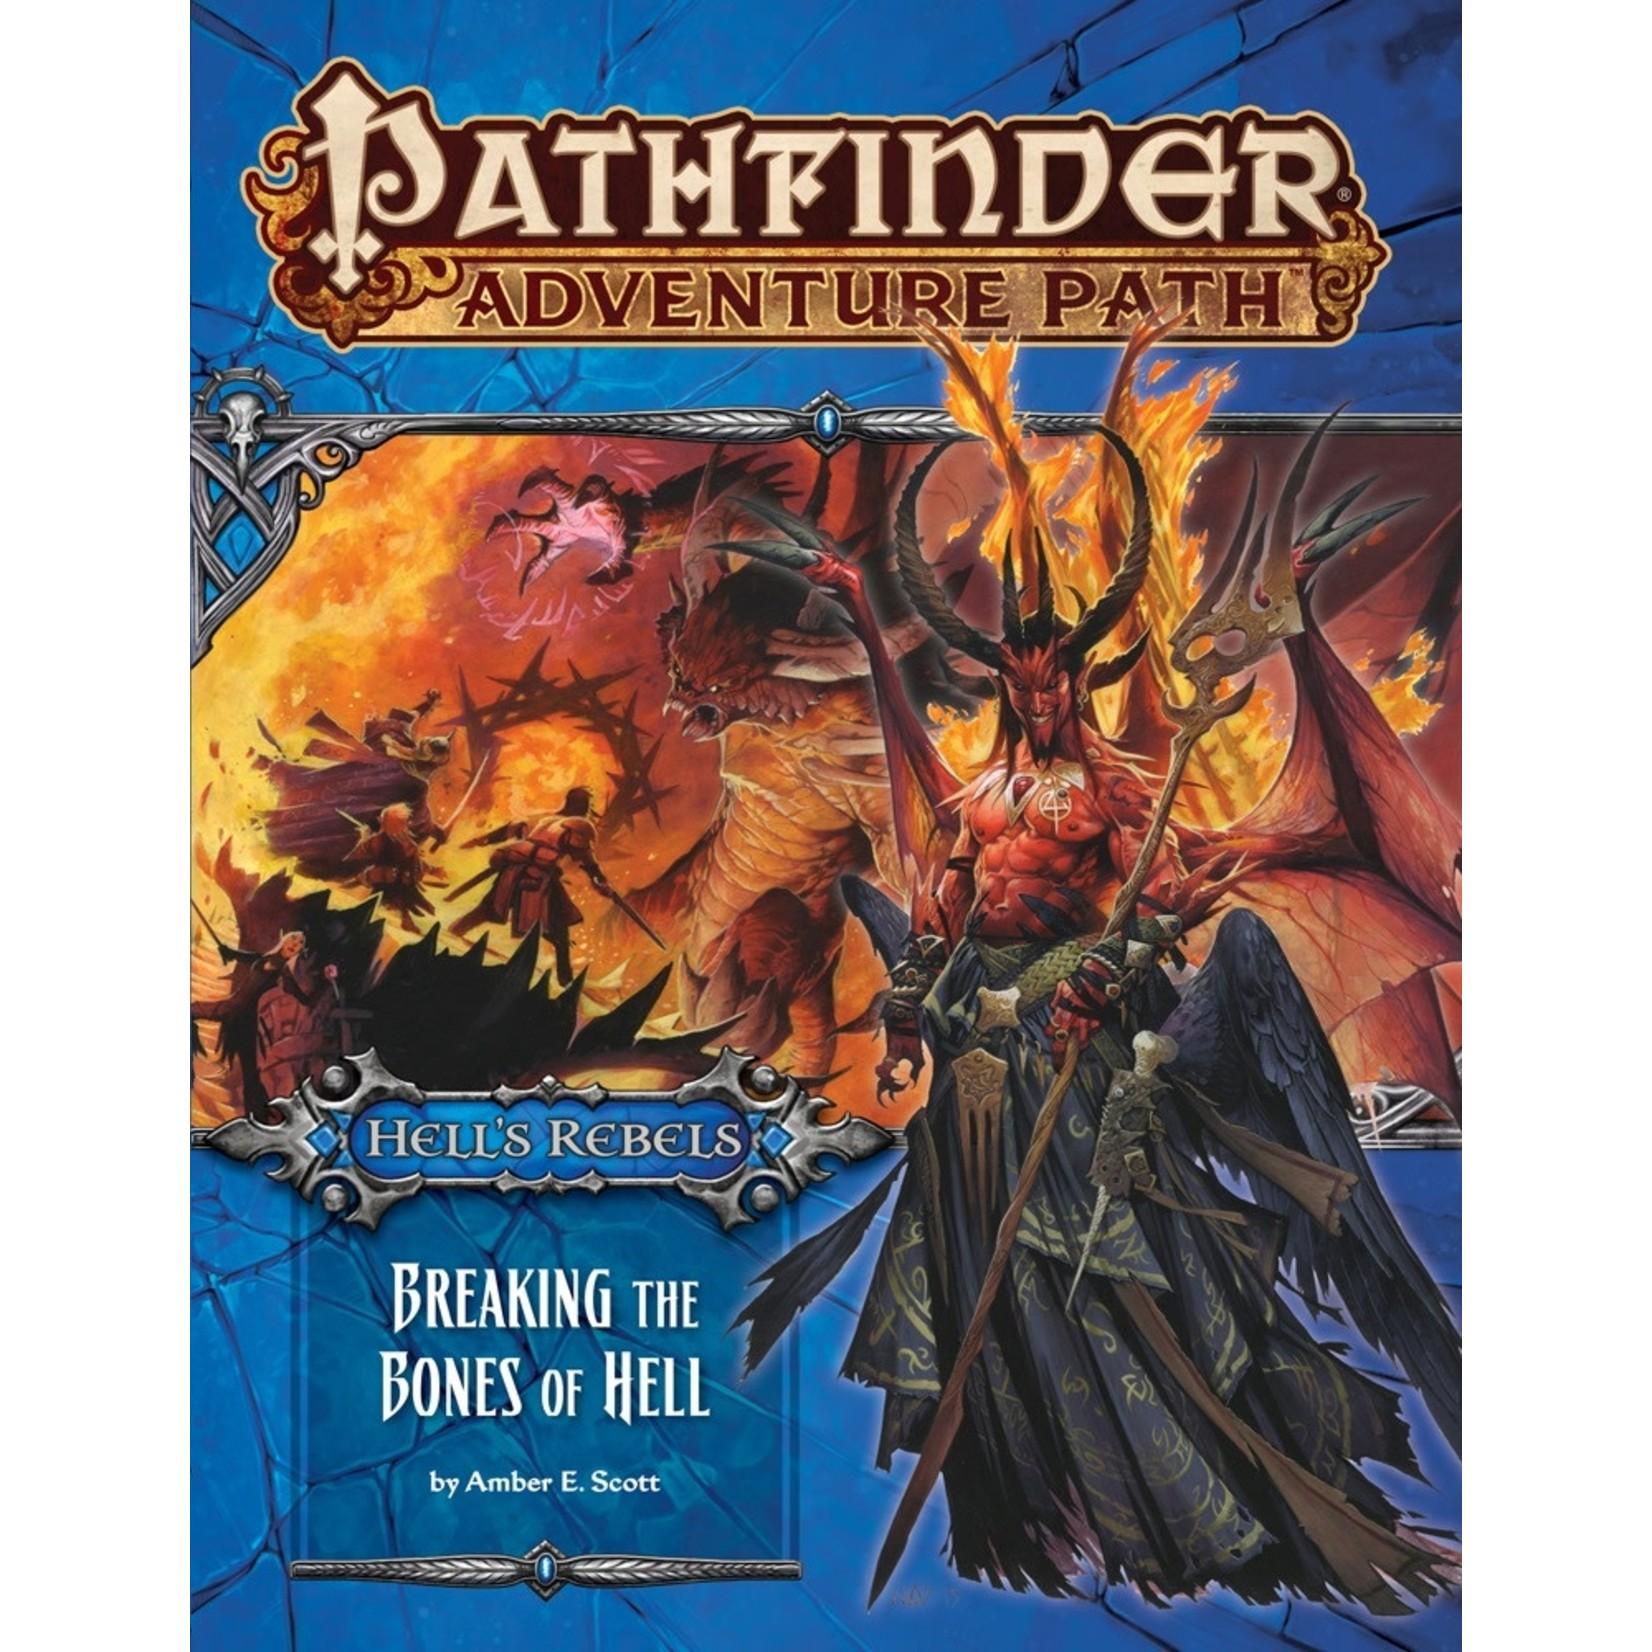 Pathfinder Adventure Path #102: Hell's Rebels - Breaking the Bones of Hell